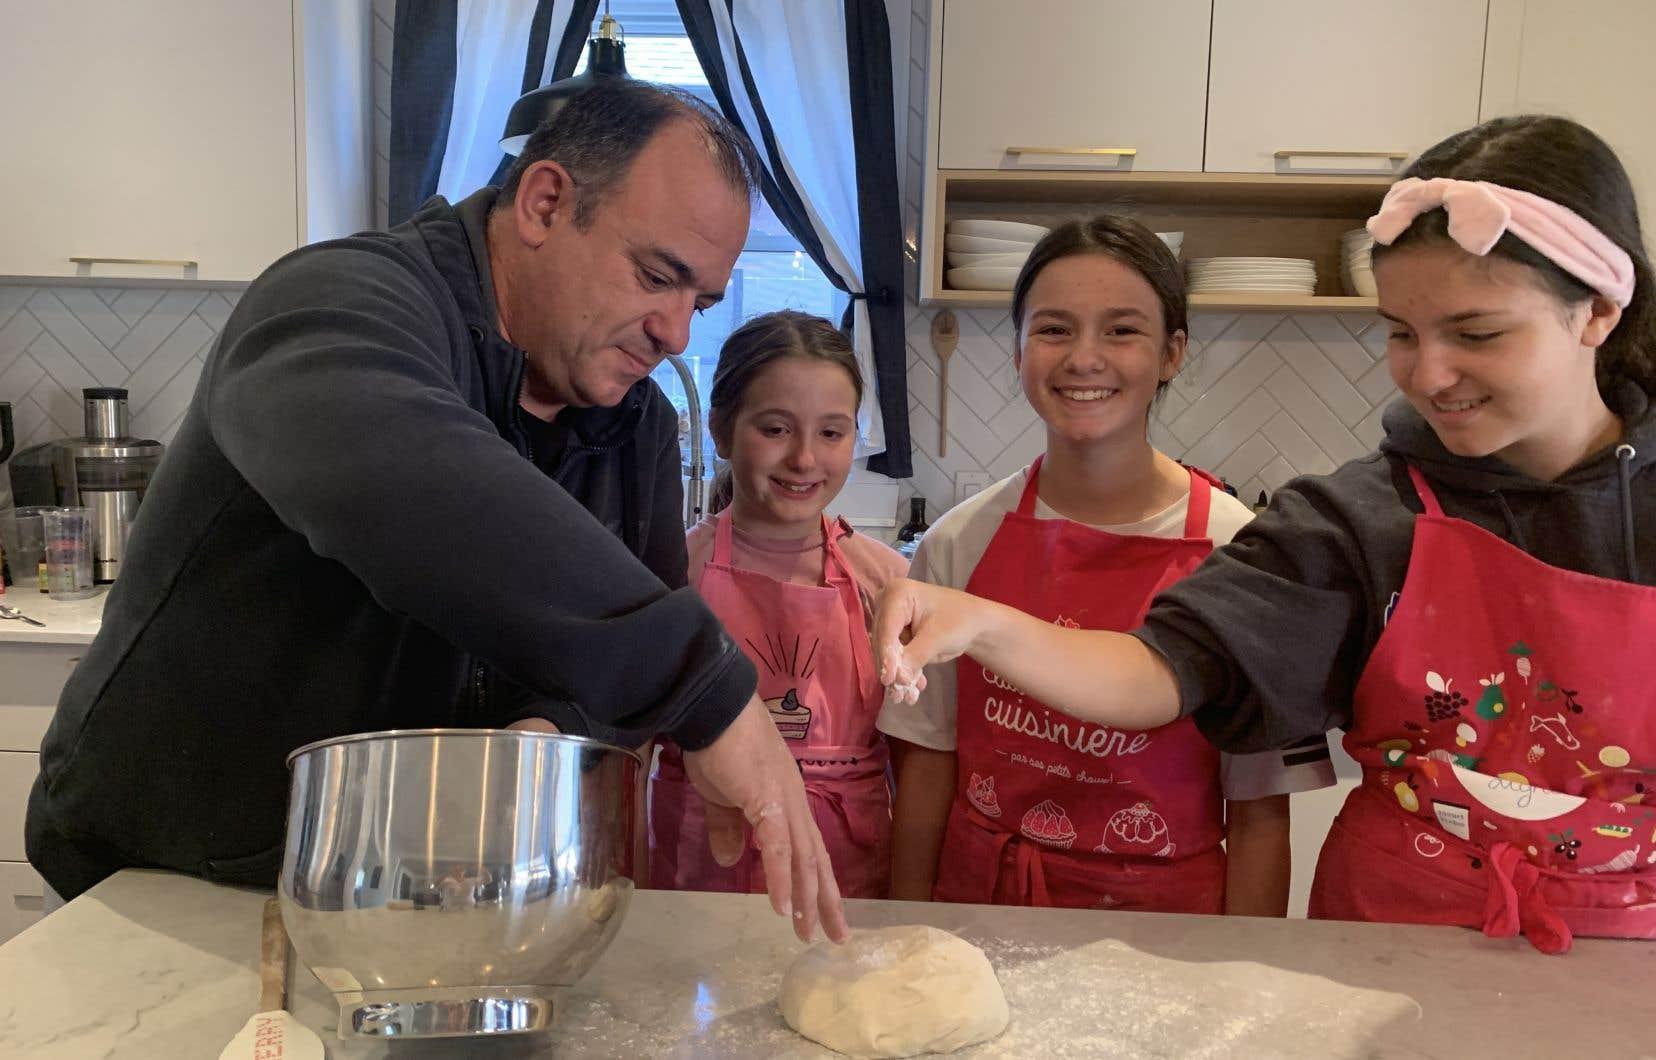 Éric Gauthier prépare  une pâte  à pain avec  ses trois filles.